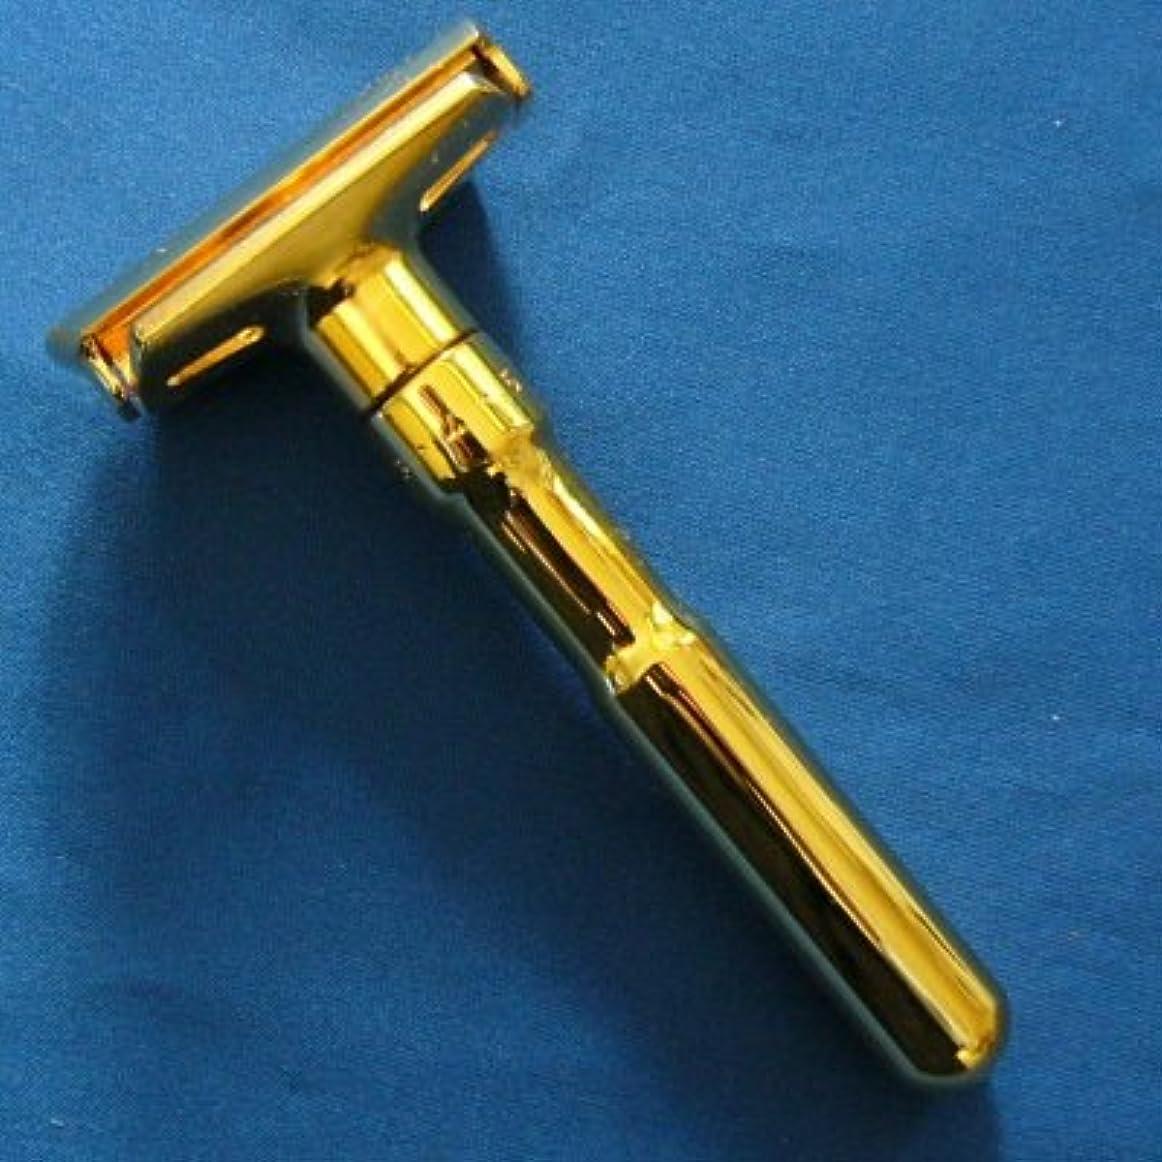 それから祝福する反論メルクール髭剃り(ひげそり) 702G FUTUR(フューチャー) (専用革ケース、替刃11枚付)